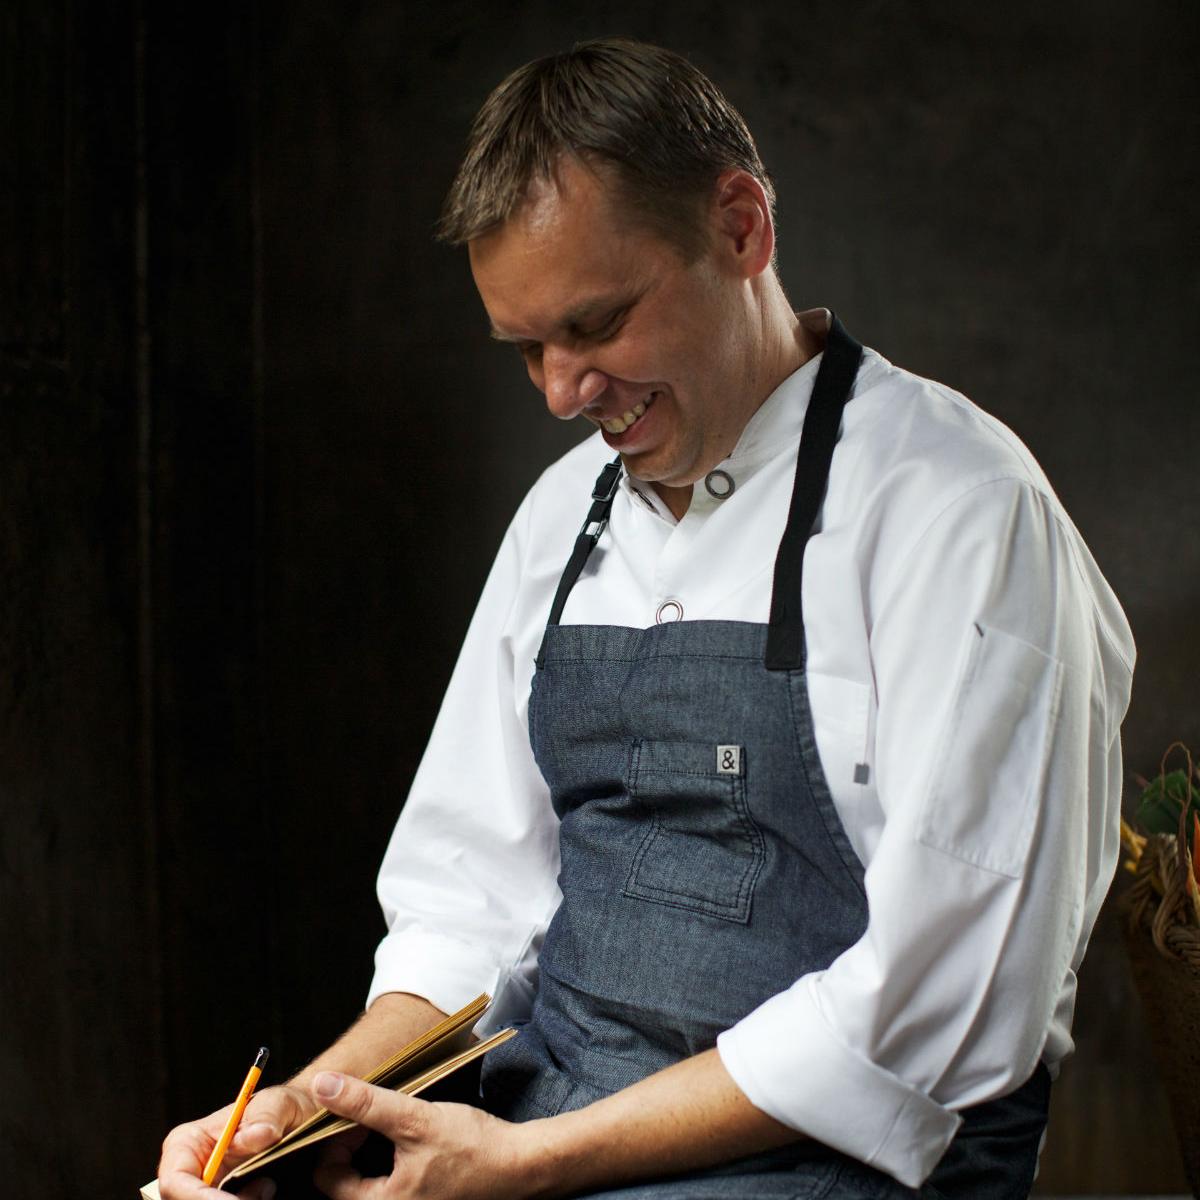 Chef John Brand